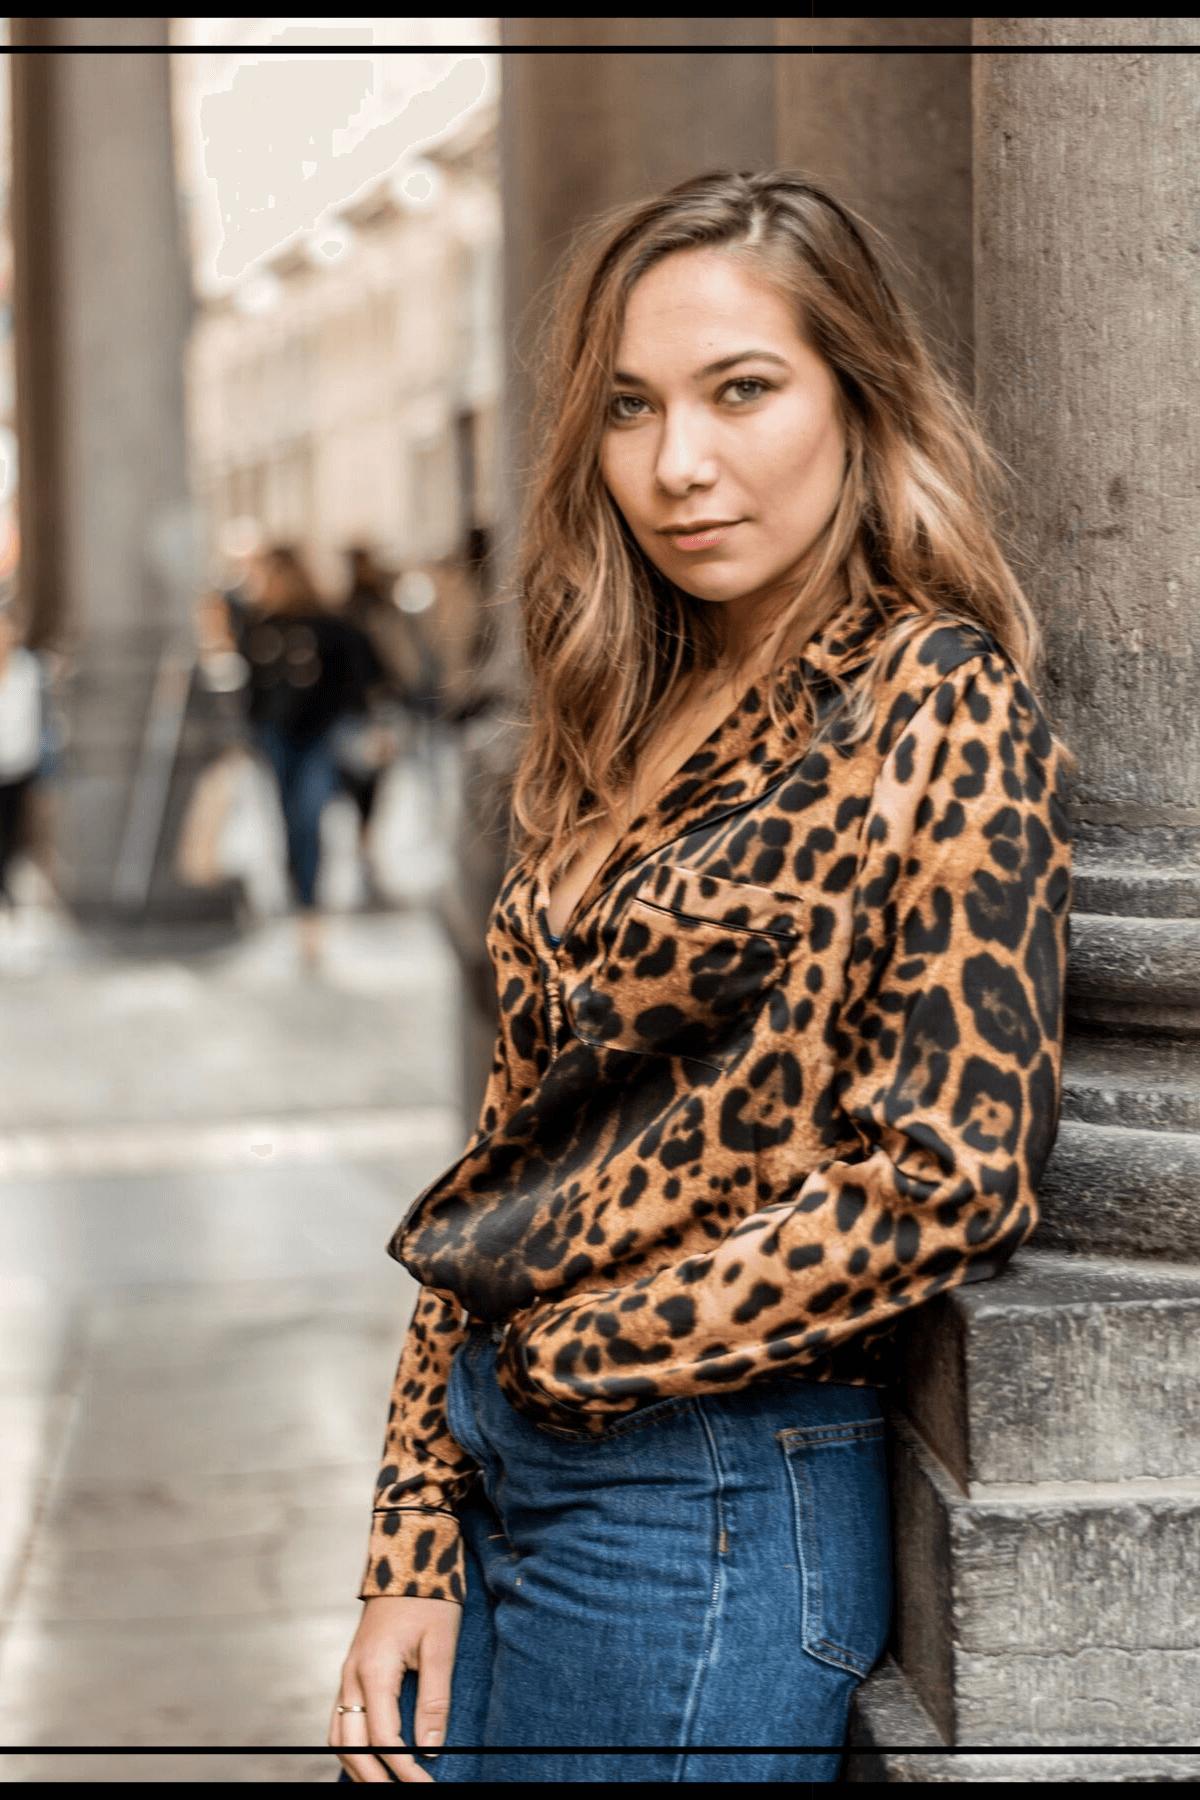 blouse tendance imprime animalier - laisse les parler -blog mode